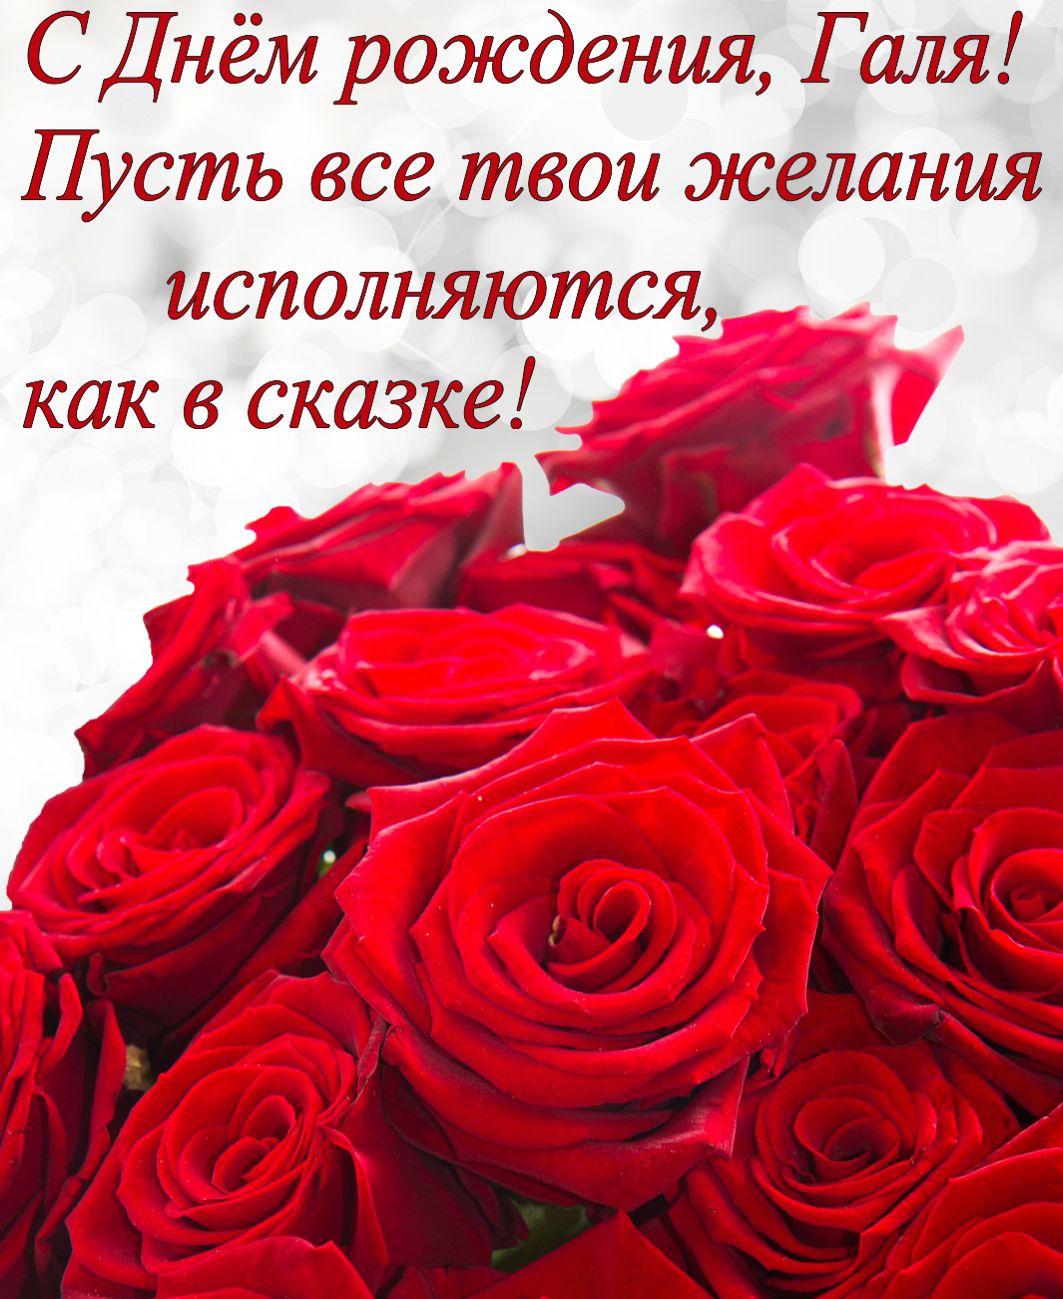 Красные розы на День рождения Гале